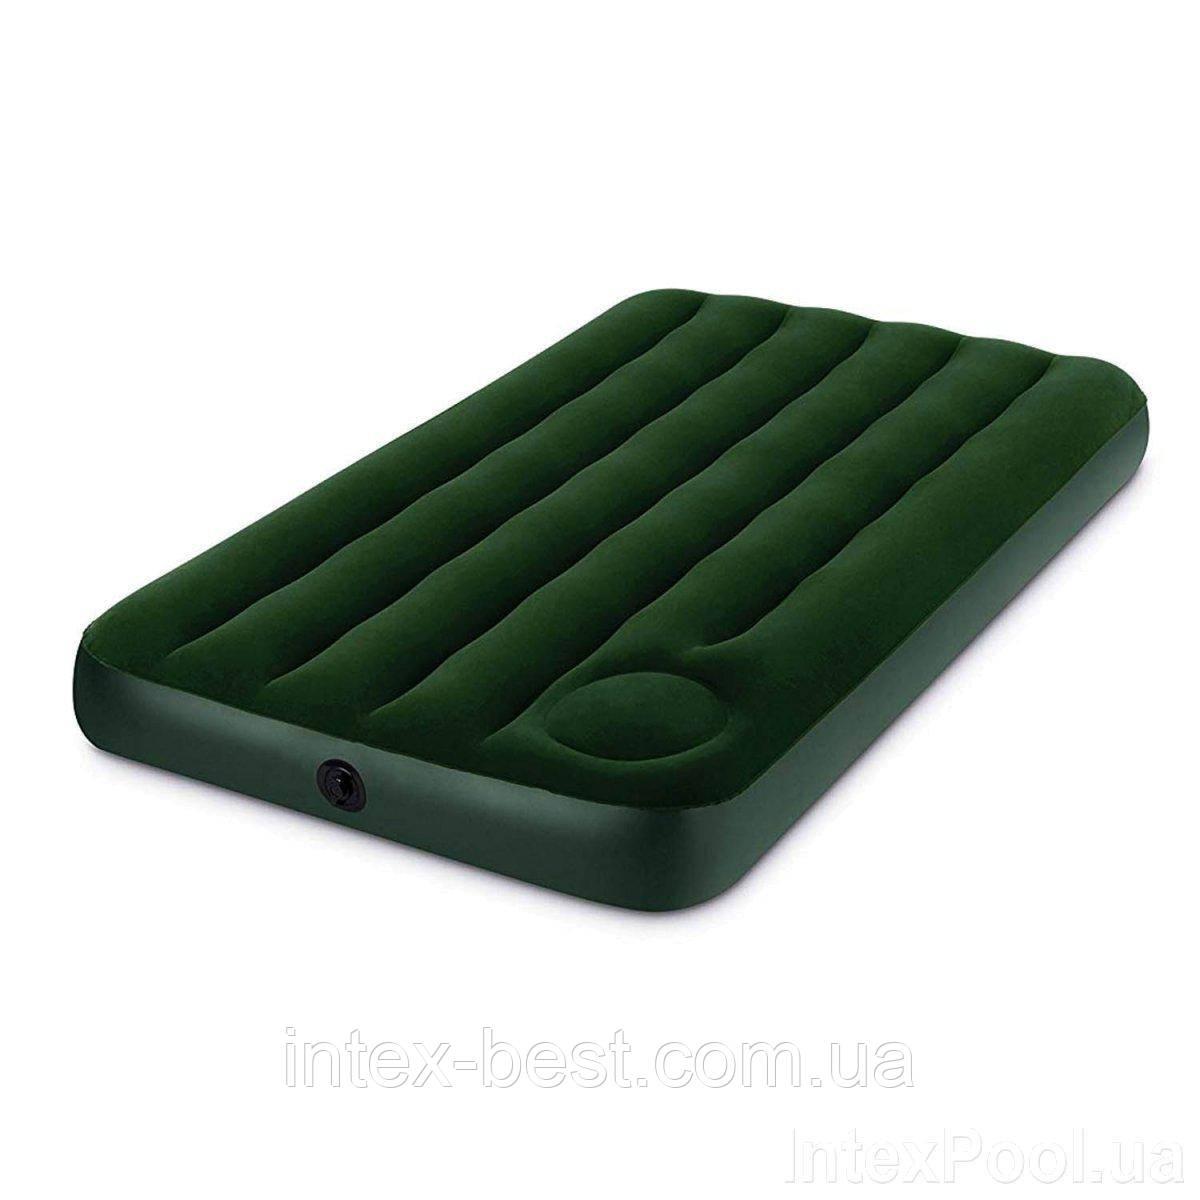 Односпальный надувной матрас Intex 66950 (191х76х22 см.) встроенный насос